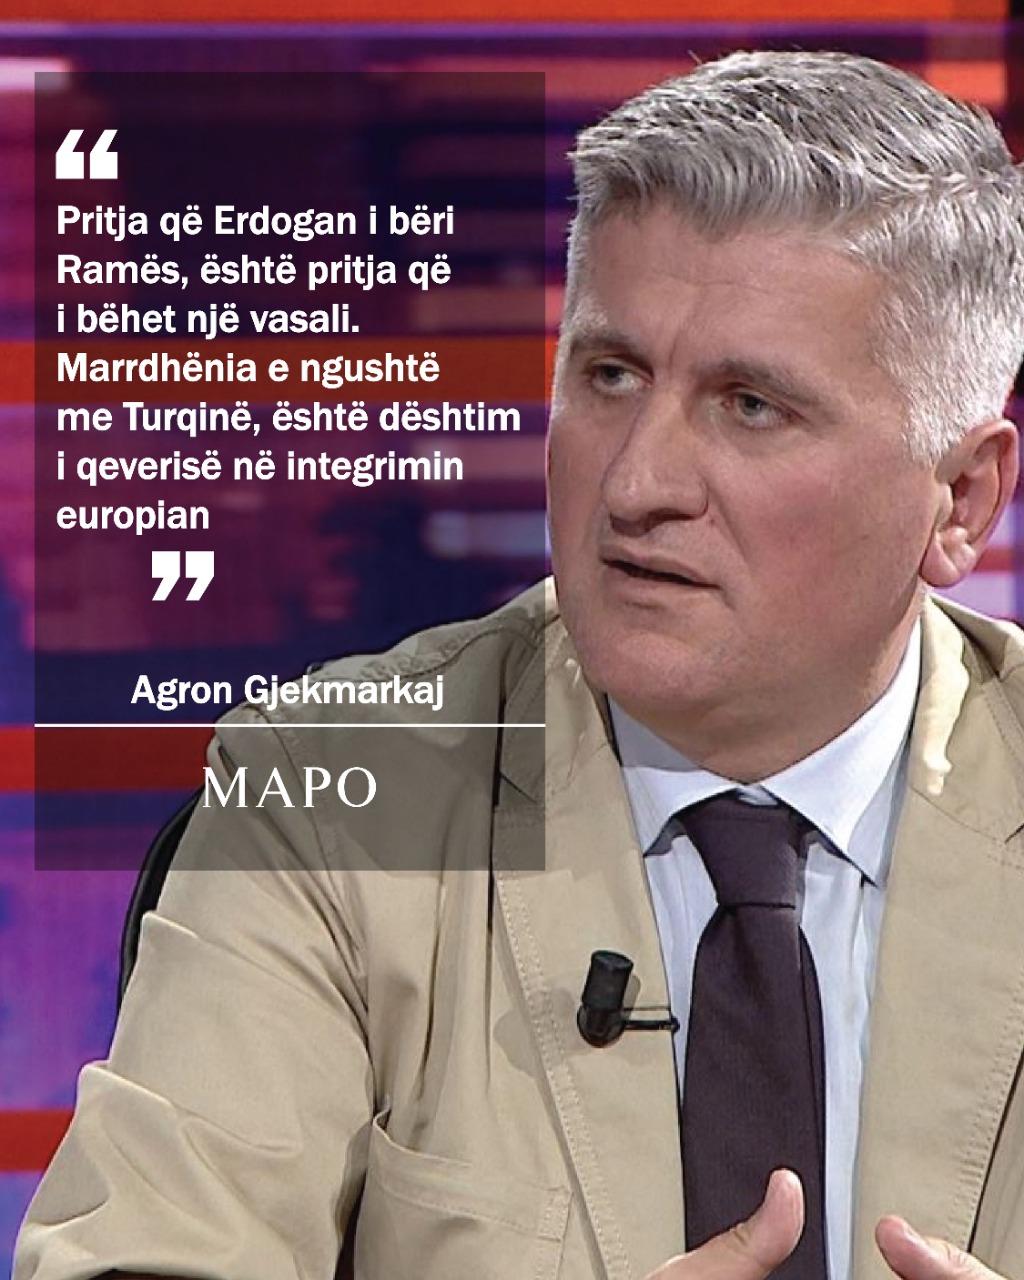 Gjekmarkaj: Pritja që Erdogan i bëri Ramës, është pritja që i bëhet një vasali